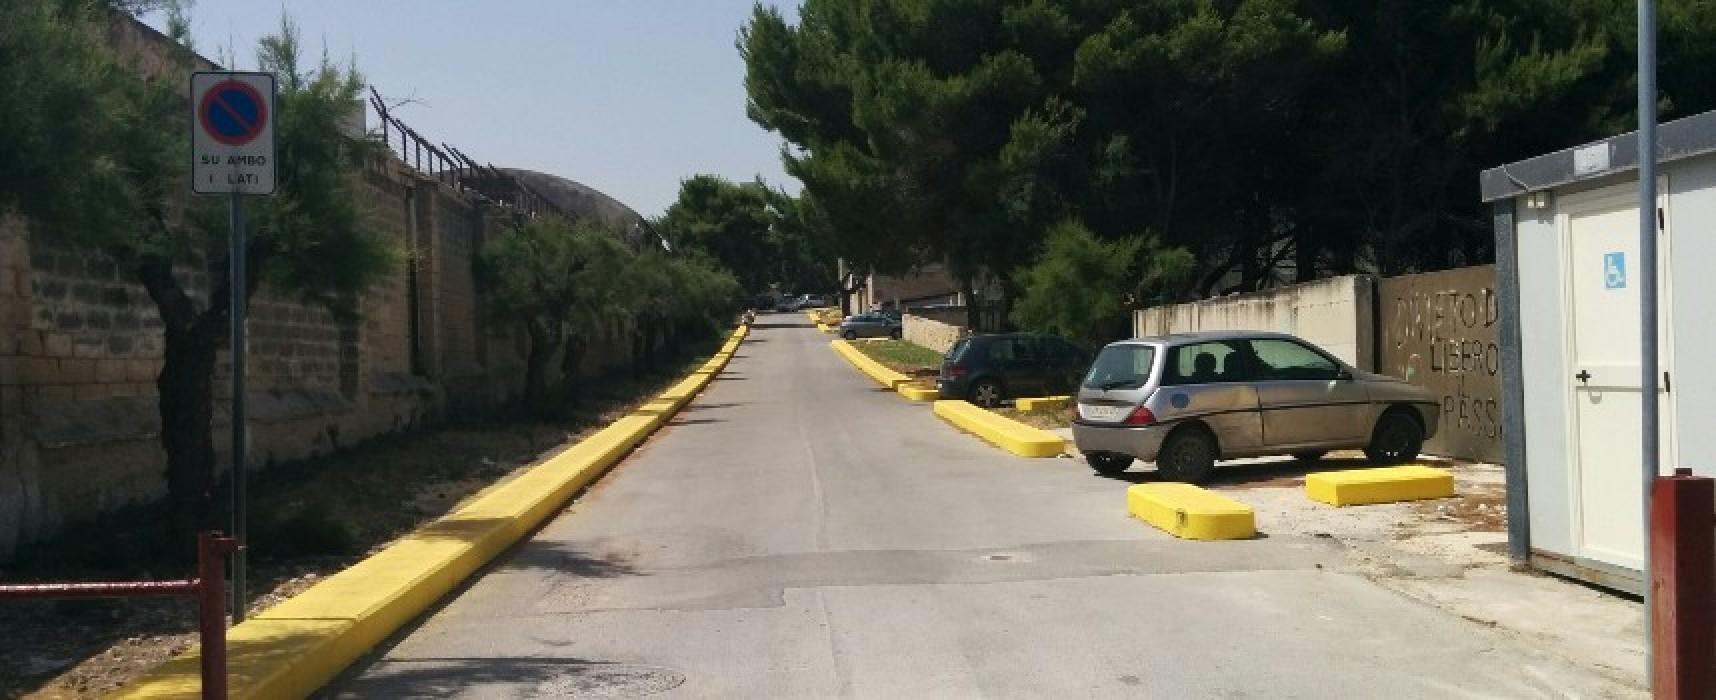 Dissuasori anti parcheggio abusivo in Carrara Camposanto, ma i bagnanti ci vanno lo stesso